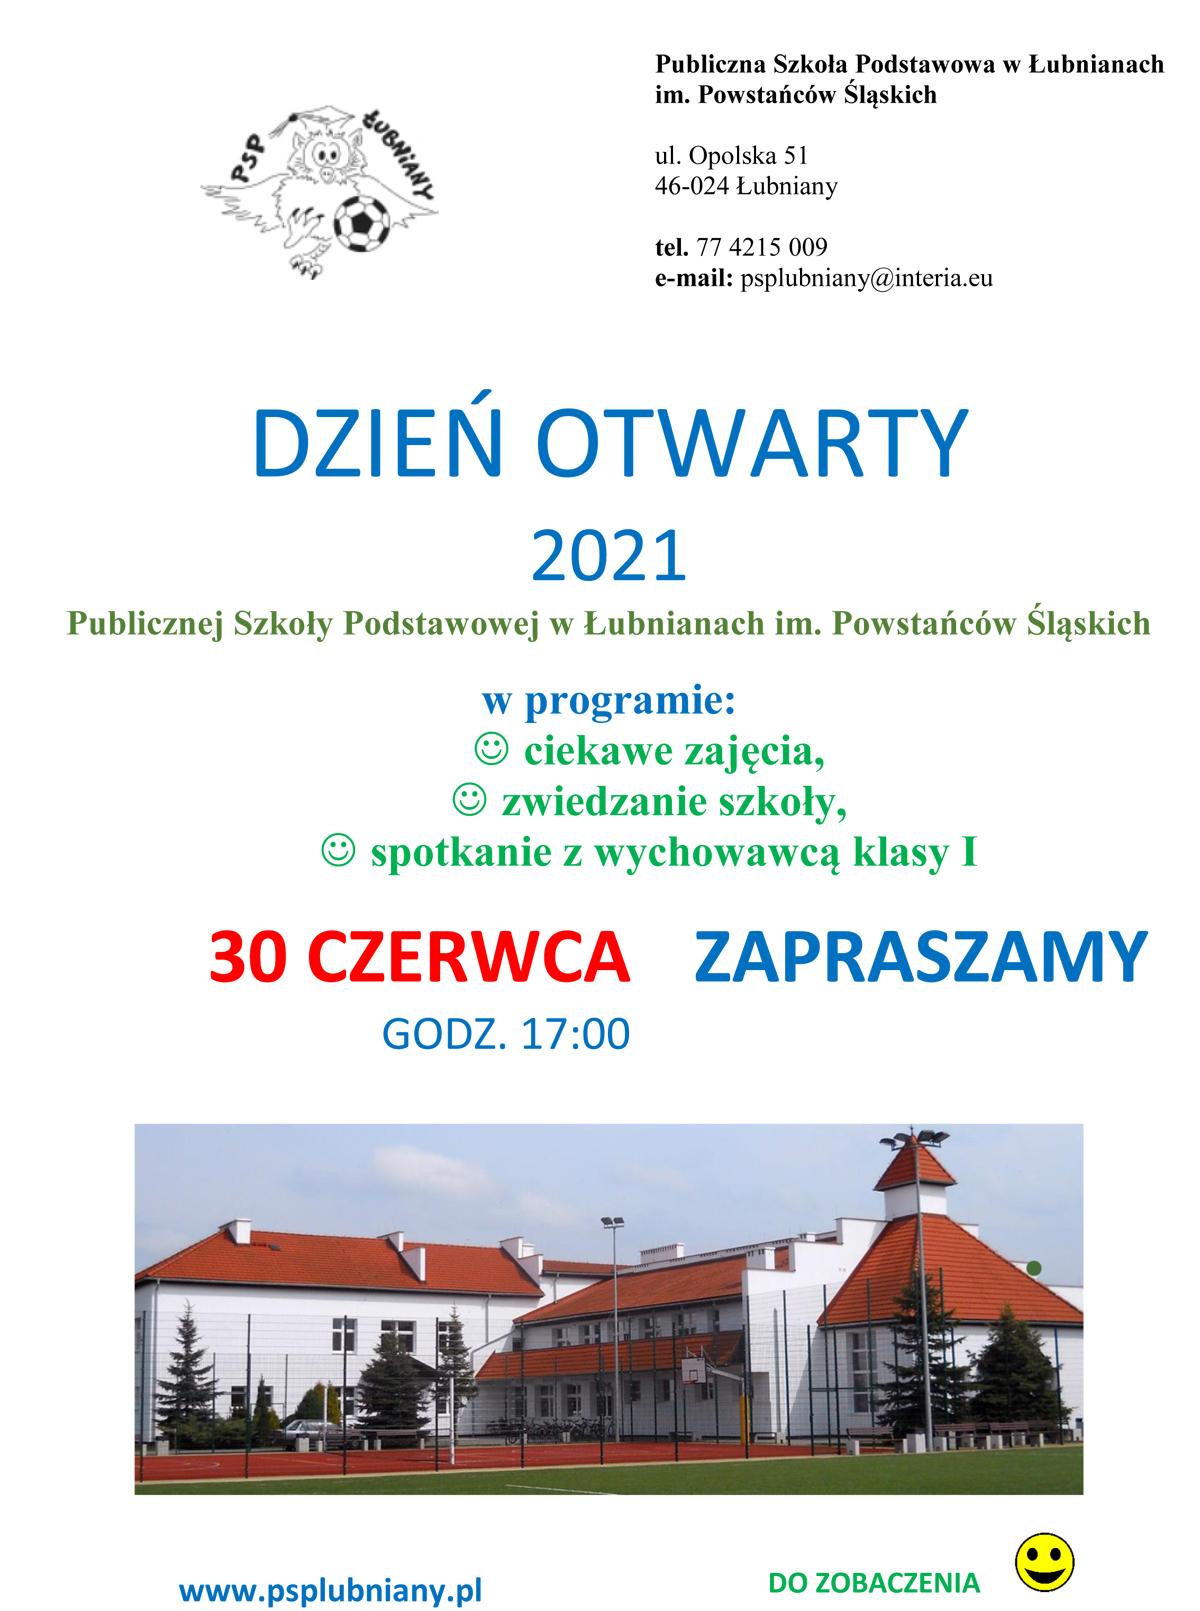 dzień otwarty - plakat